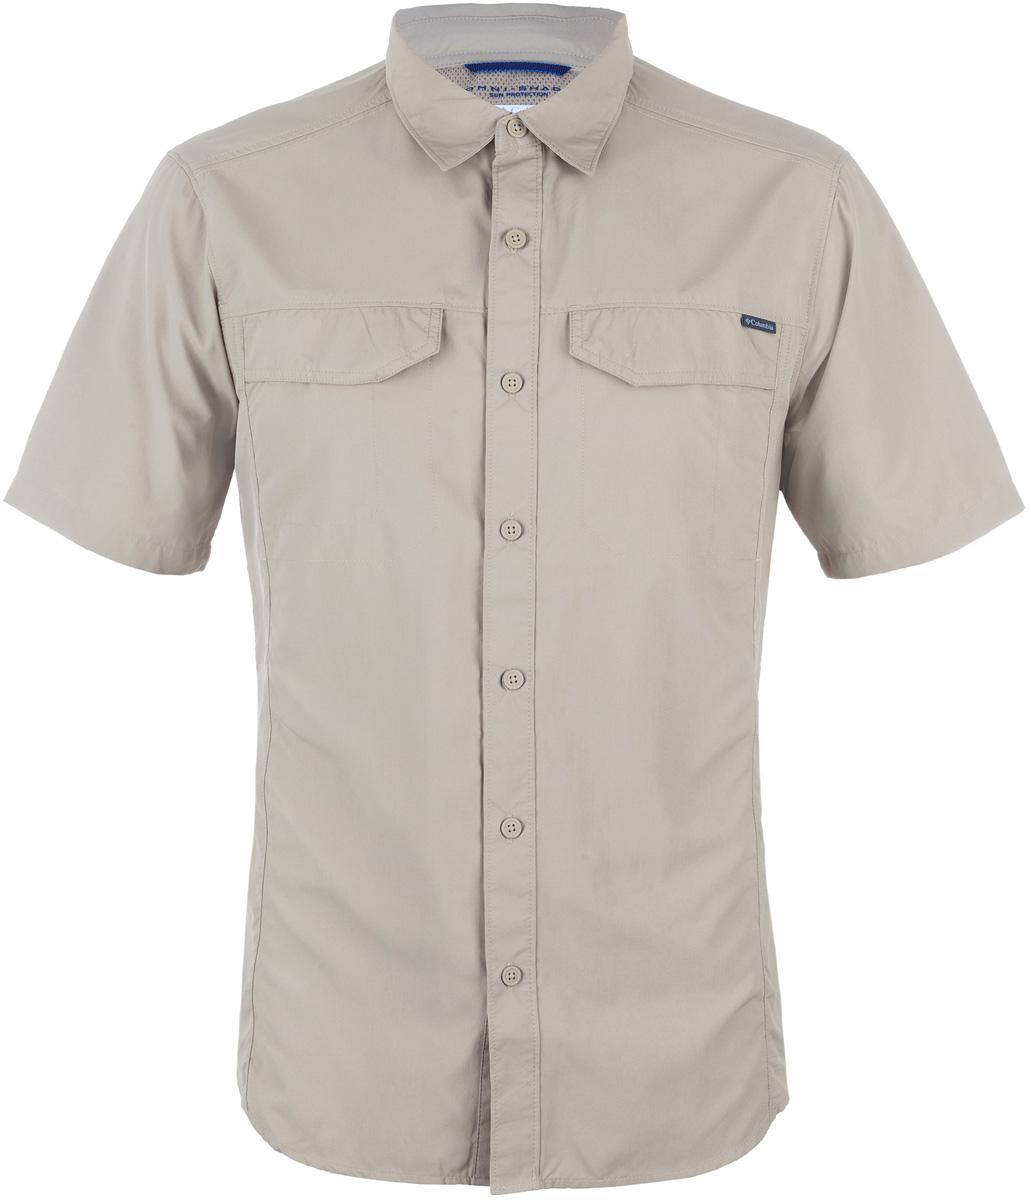 Рубашка мужская Columbia Silver Ridge SS Shirt, цвет: бежевый. 1441661-265. Размер L (48/50)1441661-265Мужская рубашка Columbia Silver Ridge SS Shirt изготовлена из нейлона. Модель Regular Fit с отложным воротником и короткими рукавами застегивается на пуговицы. Спереди расположен накладной карман. Технология Omni-Shade UPF 50 обеспечивает максимальную защиту от УФ-лучей в течение долгих часов на солнце. Технология Omni-Wick отводит испарения от тела, влага быстро впитывается в ткань и испаряется.